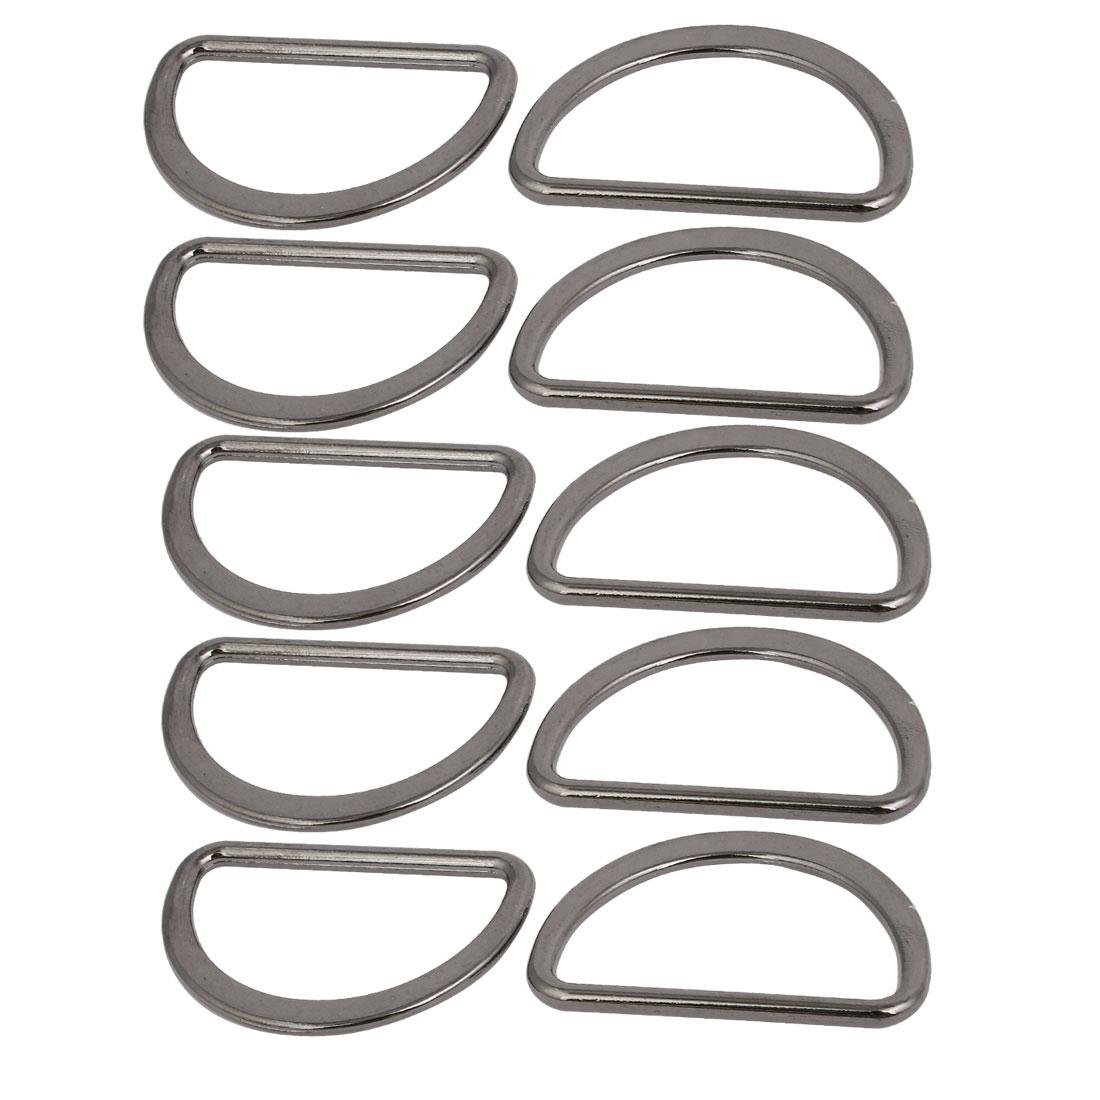 40mm/1.6'' Inner Width Zinc Alloy D Welded Ring Silver Black 10pcs